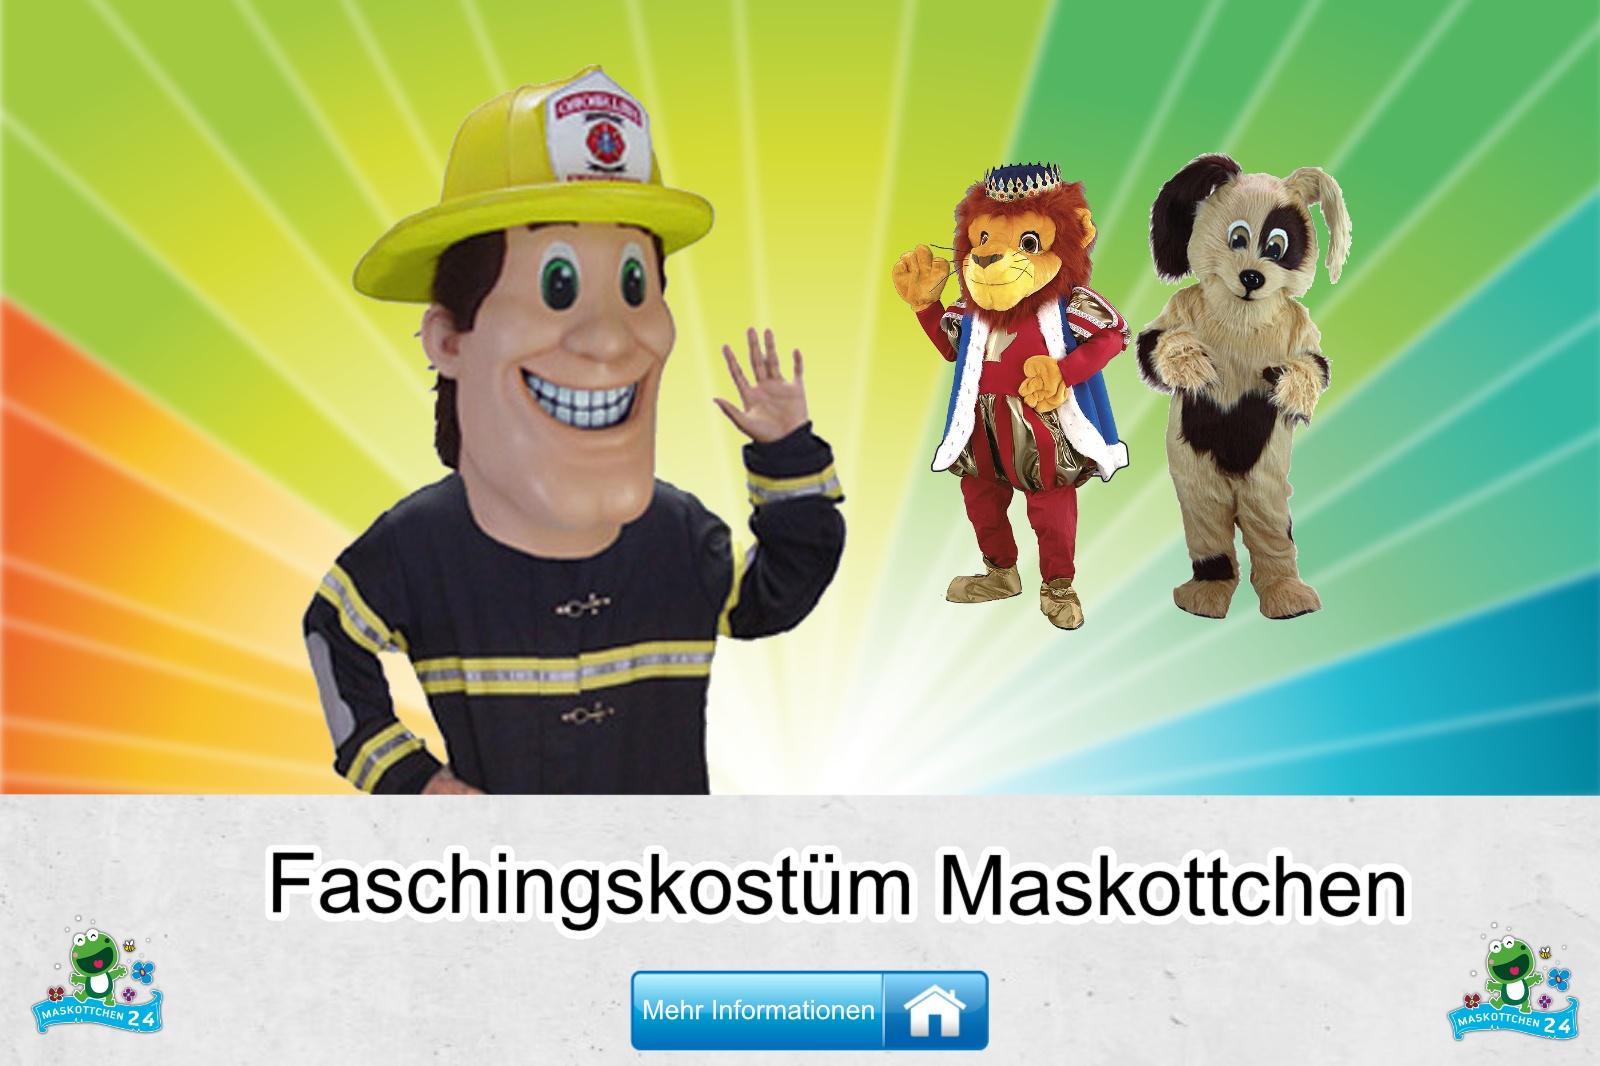 Faschingkostüm Maskottchen Kostüm kaufen